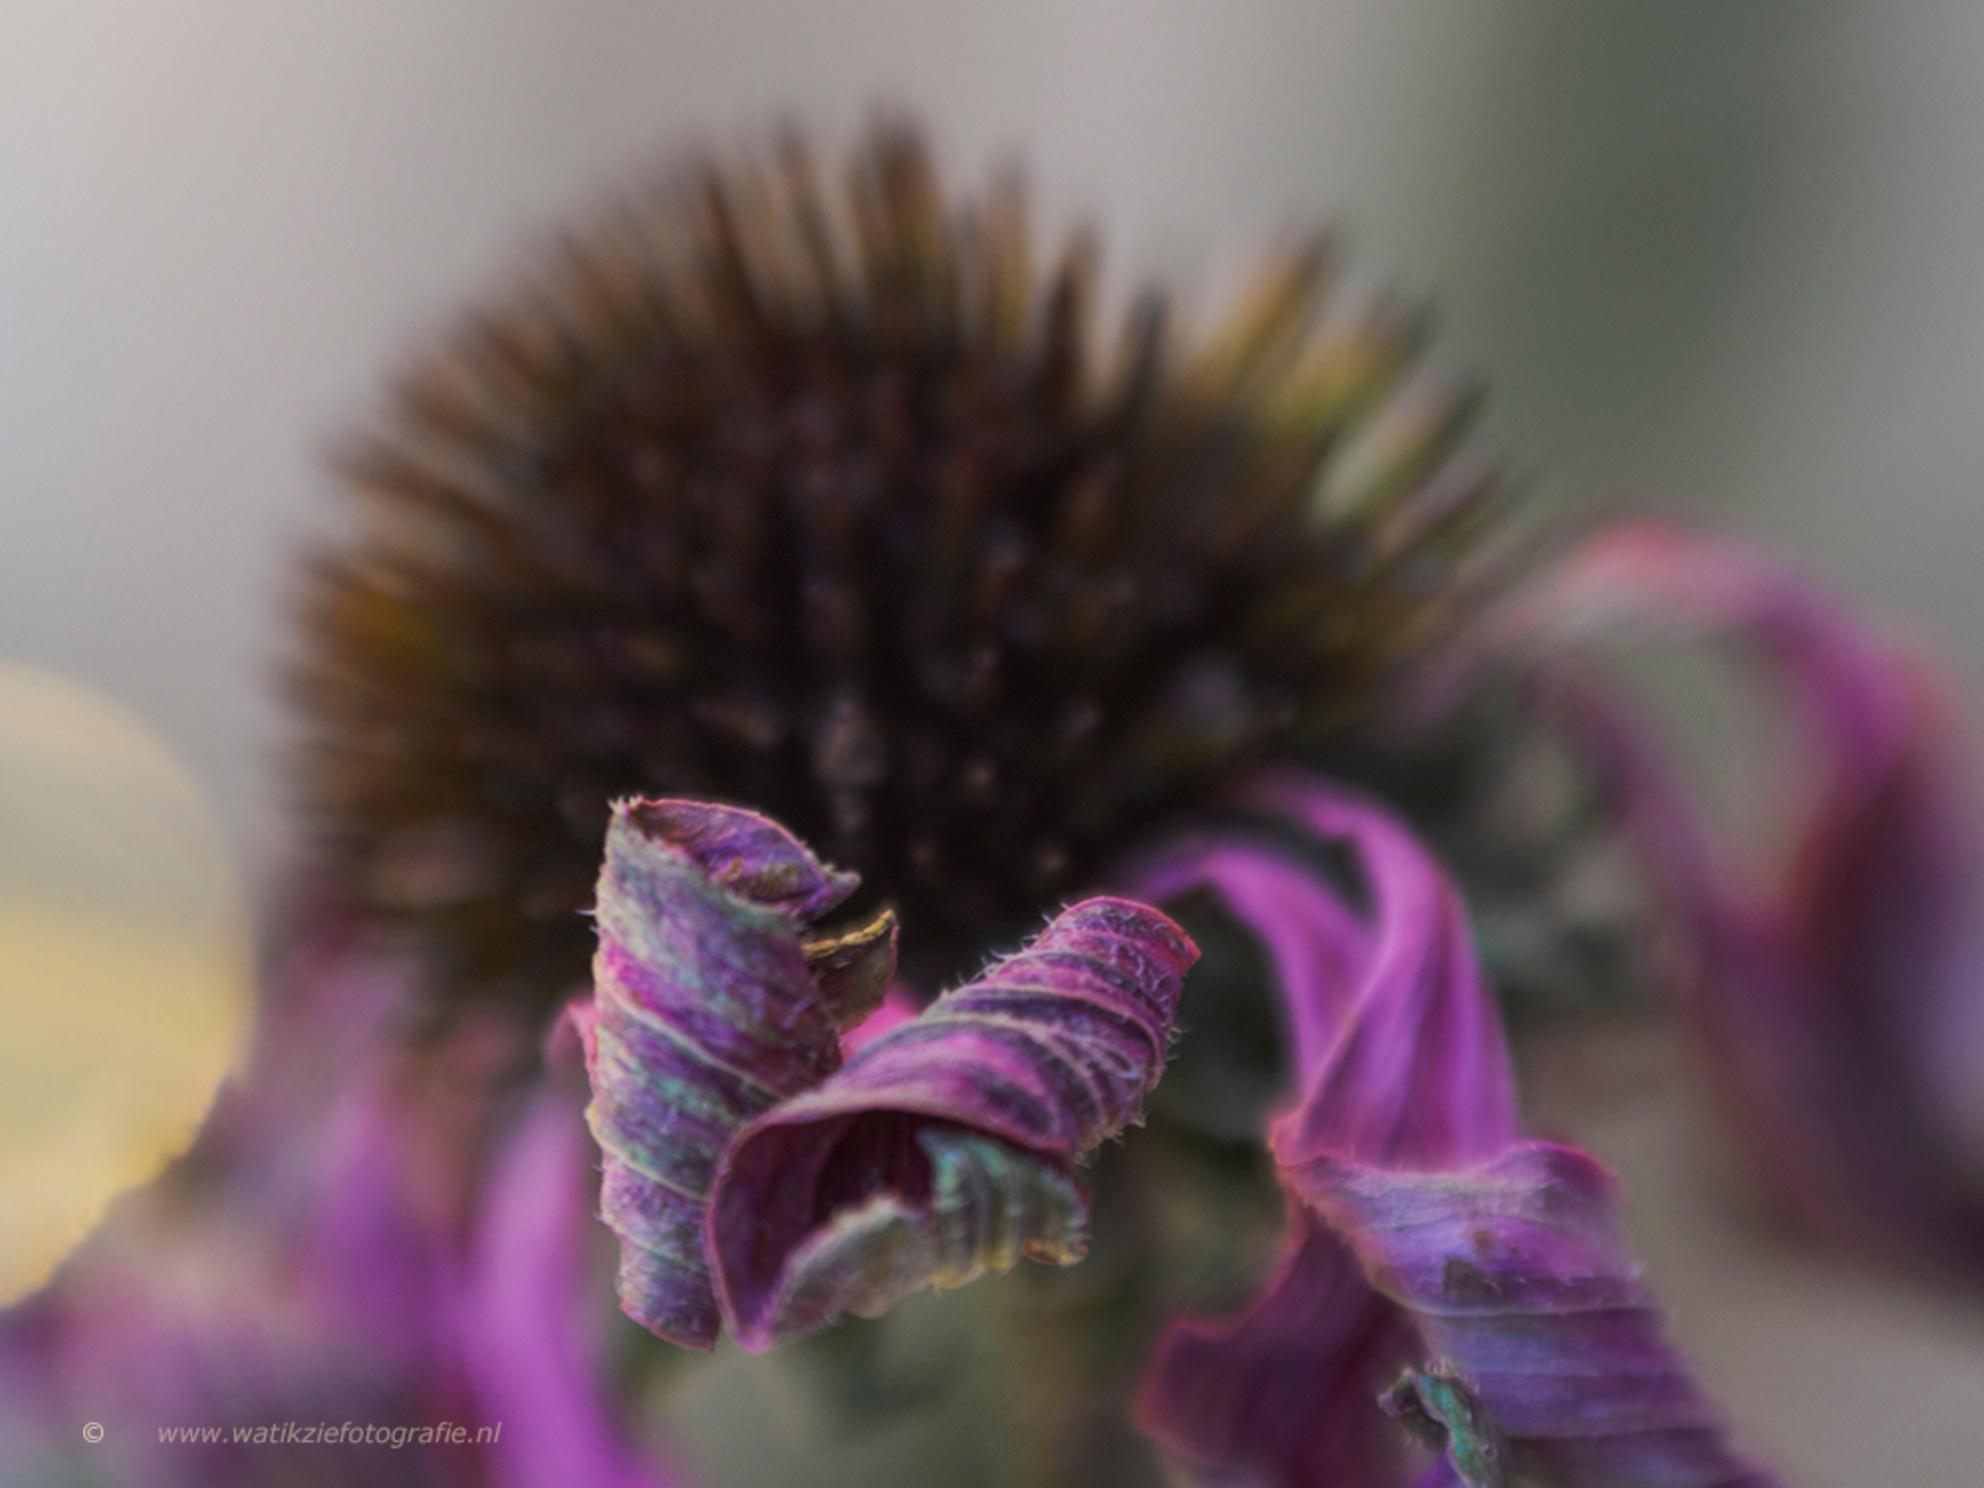 Autumn is coming . . . - Een Lensbaby Foto!! - foto door watikziefotografie op 28-10-2016 - deze foto bevat: roze, groen, paars, macro, zon, bloem, soft, natuur, bruin, licht, tuin, tegenlicht, buiten, lensbaby, thuis, vaag, dof, bokeh, Soft colors - Deze foto mag gebruikt worden in een Zoom.nl publicatie